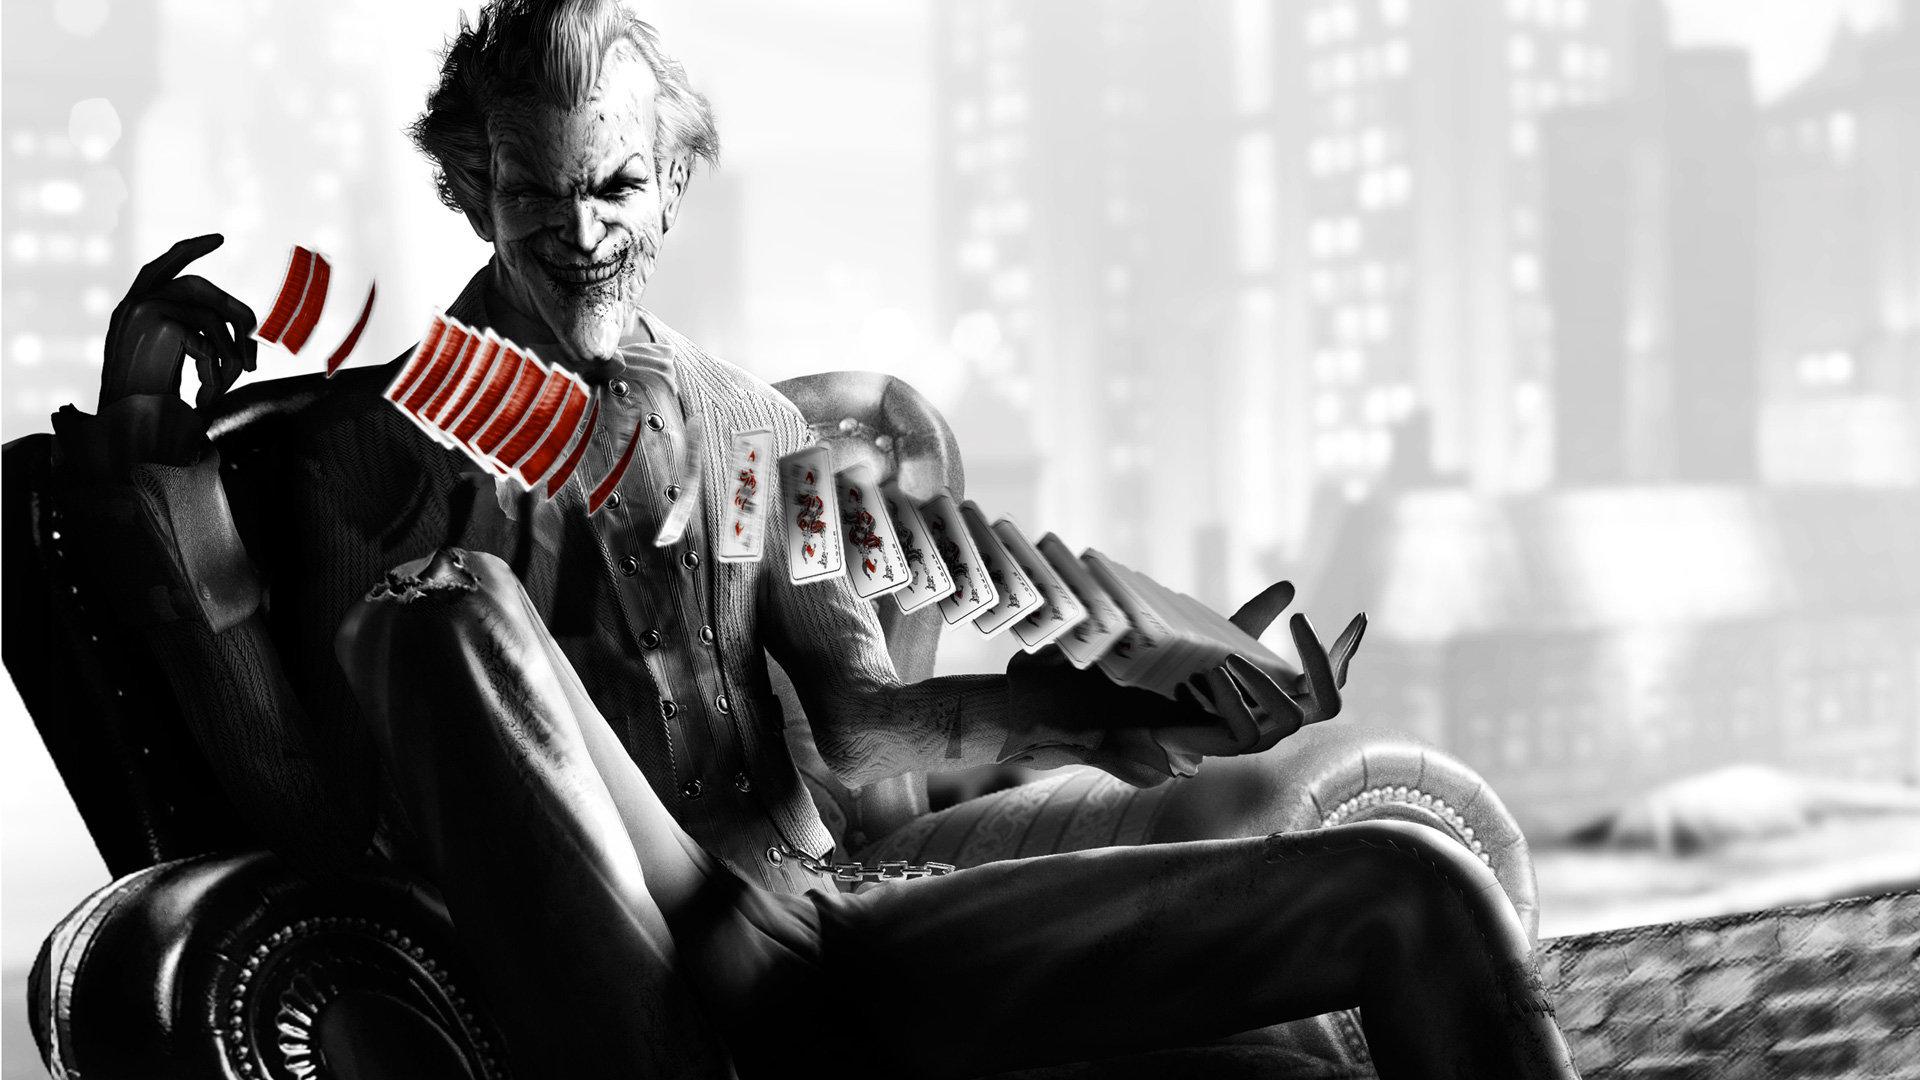 Batman Arkham City Joker Wallpaper 19201080 23054 HD Wallpaper Res 1920x1080